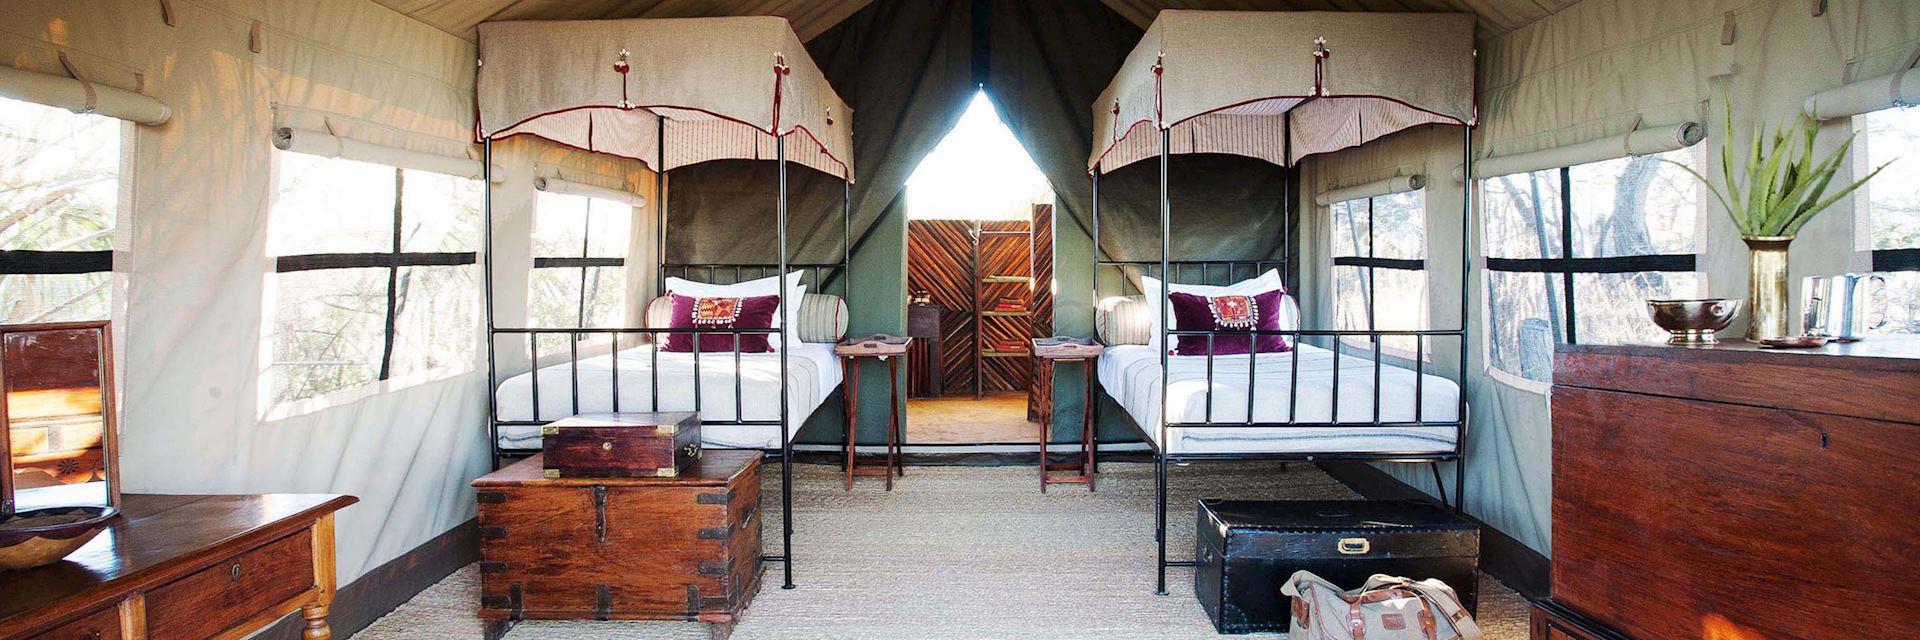 Camp Kalahari, Makgadikgadi Pans, Kalahari